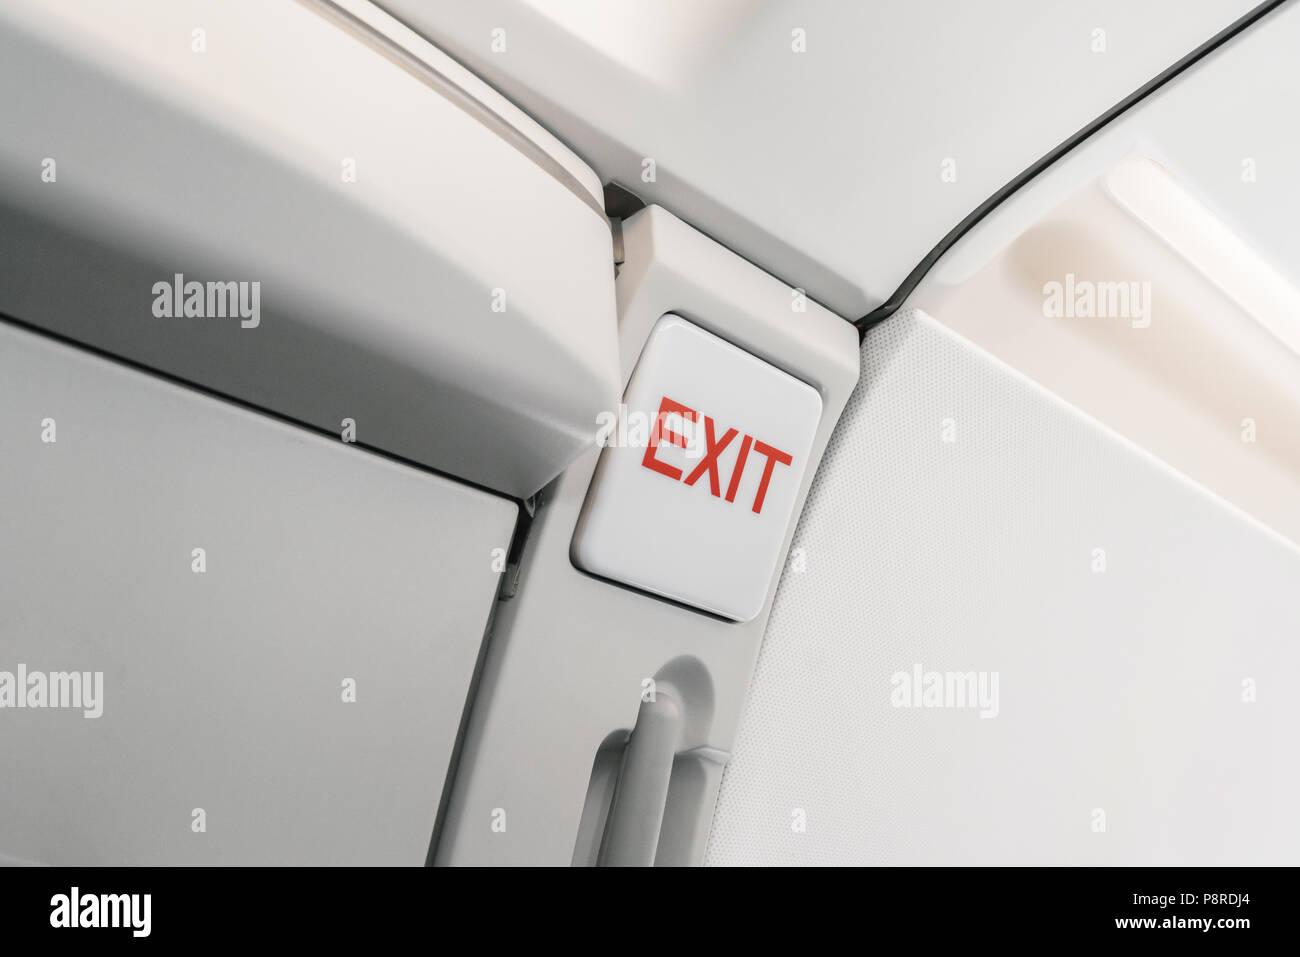 Señal de salida de emergencia en avión. Los asientos de los aviones vacíos en la cabina. Concepto de transporte moderno. Los aviones de larga distancia de vuelo internacional Imagen De Stock